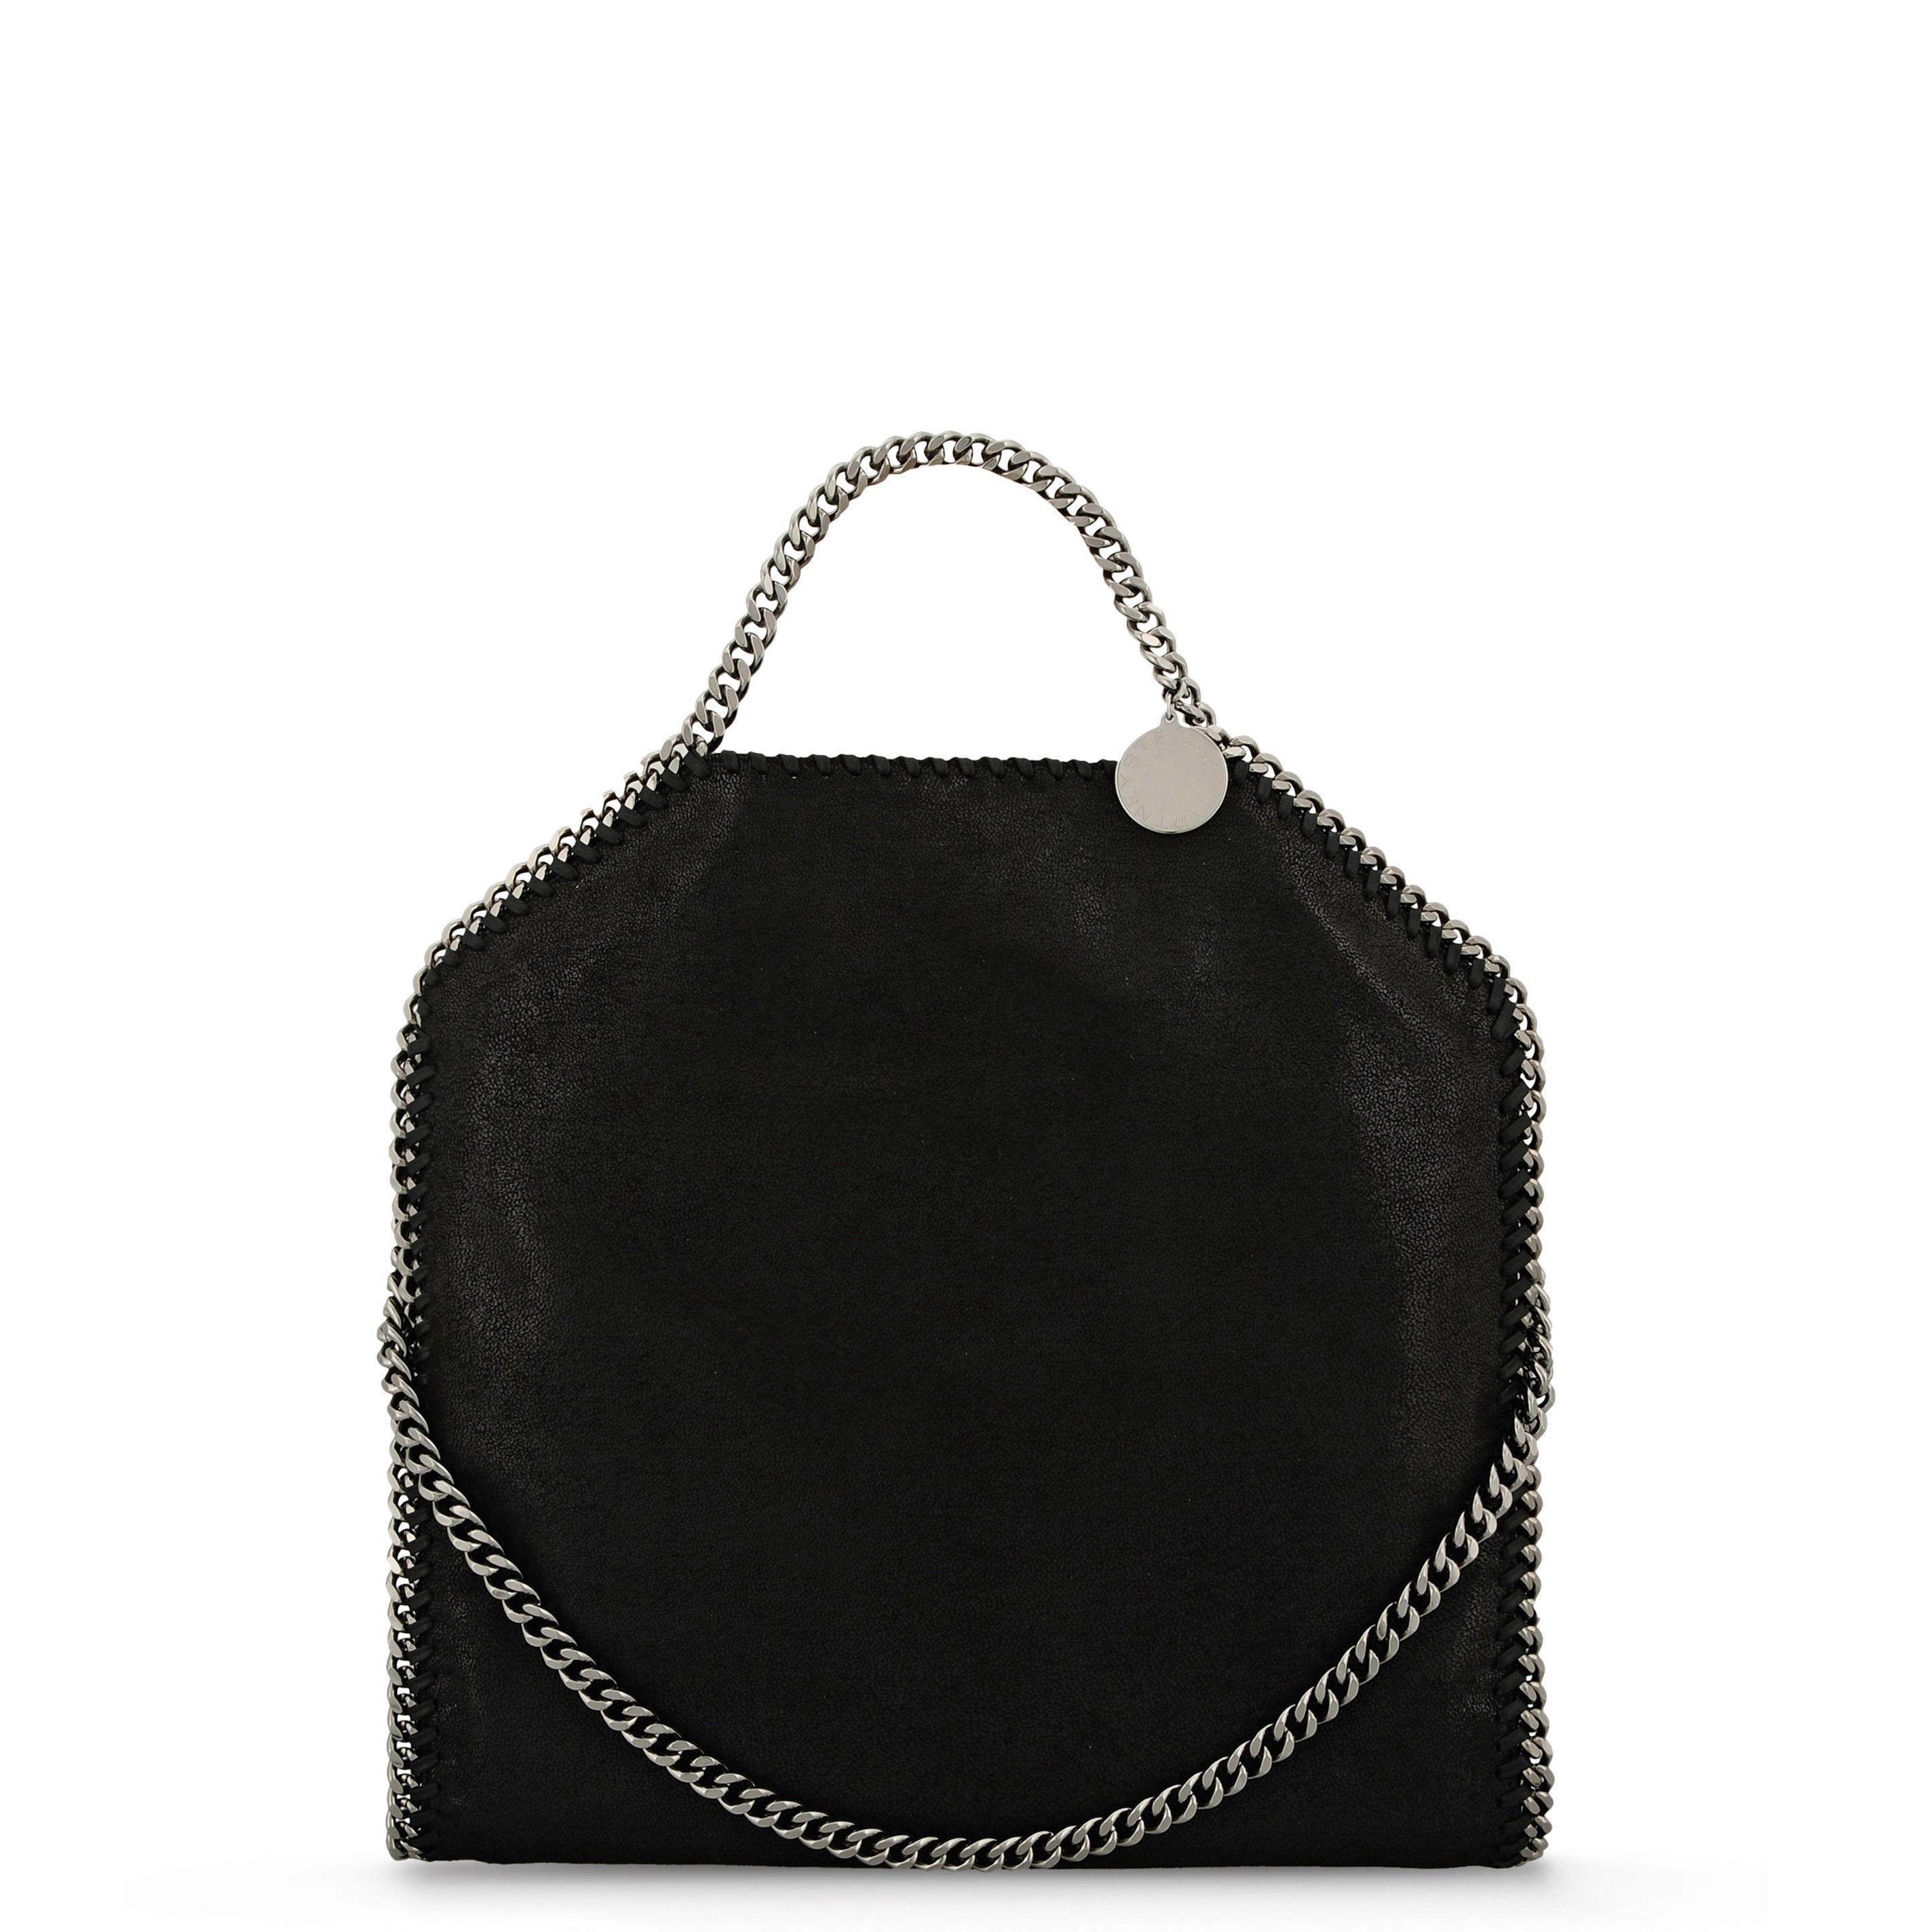 05af58d32c finally mine ♥ Women s STELLA McCARTNEY Shoulder bag - Handbags - Shop on  the Official Online Store